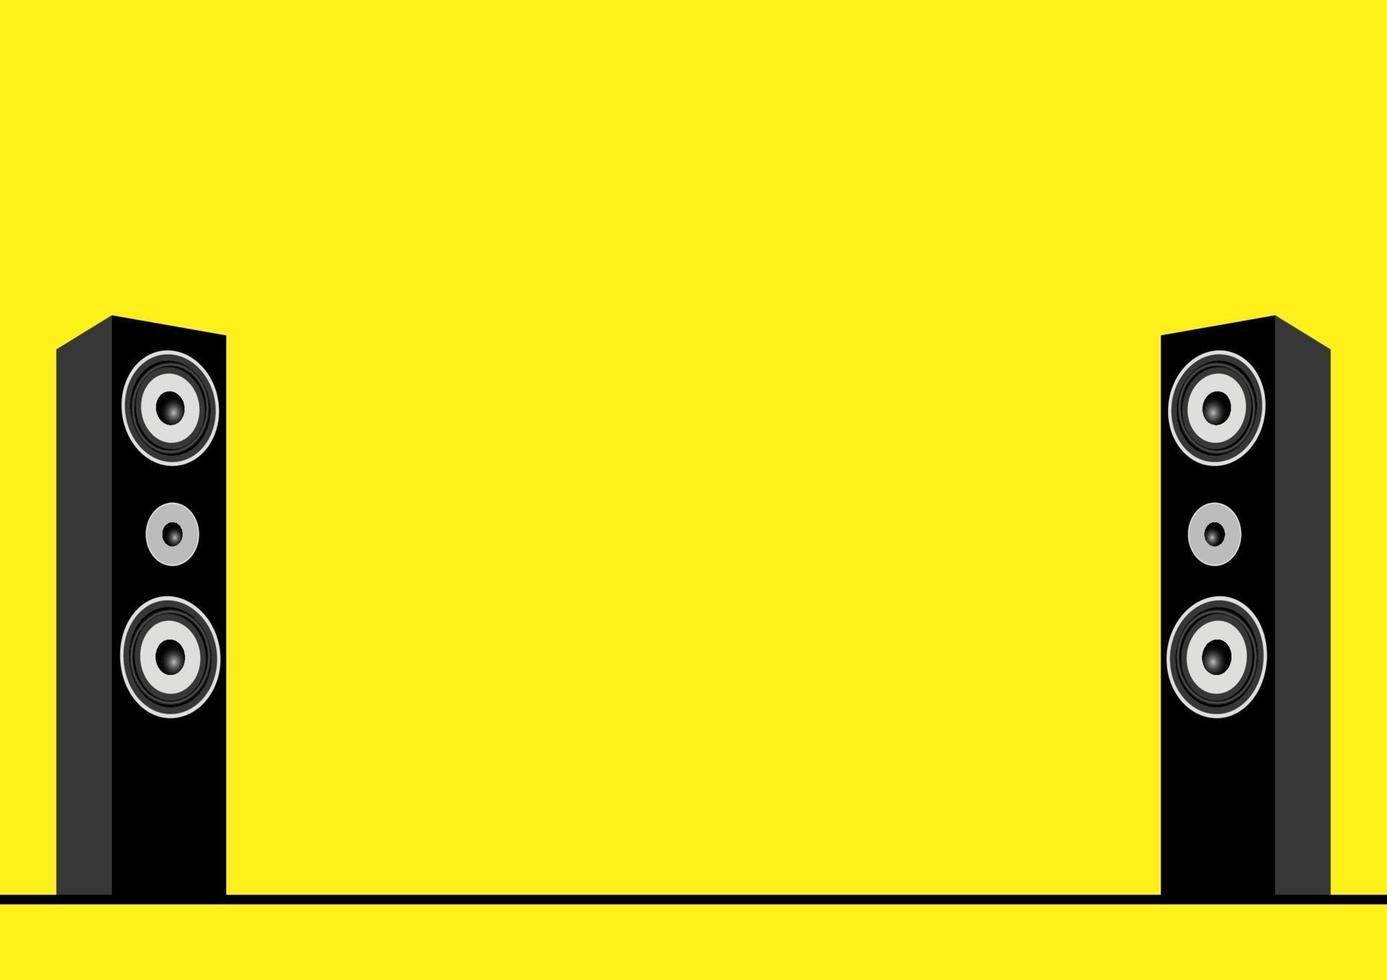 ilustração vetorial de alto-falantes, sistema de som, música, aparelho de som, tema de home theater vetor